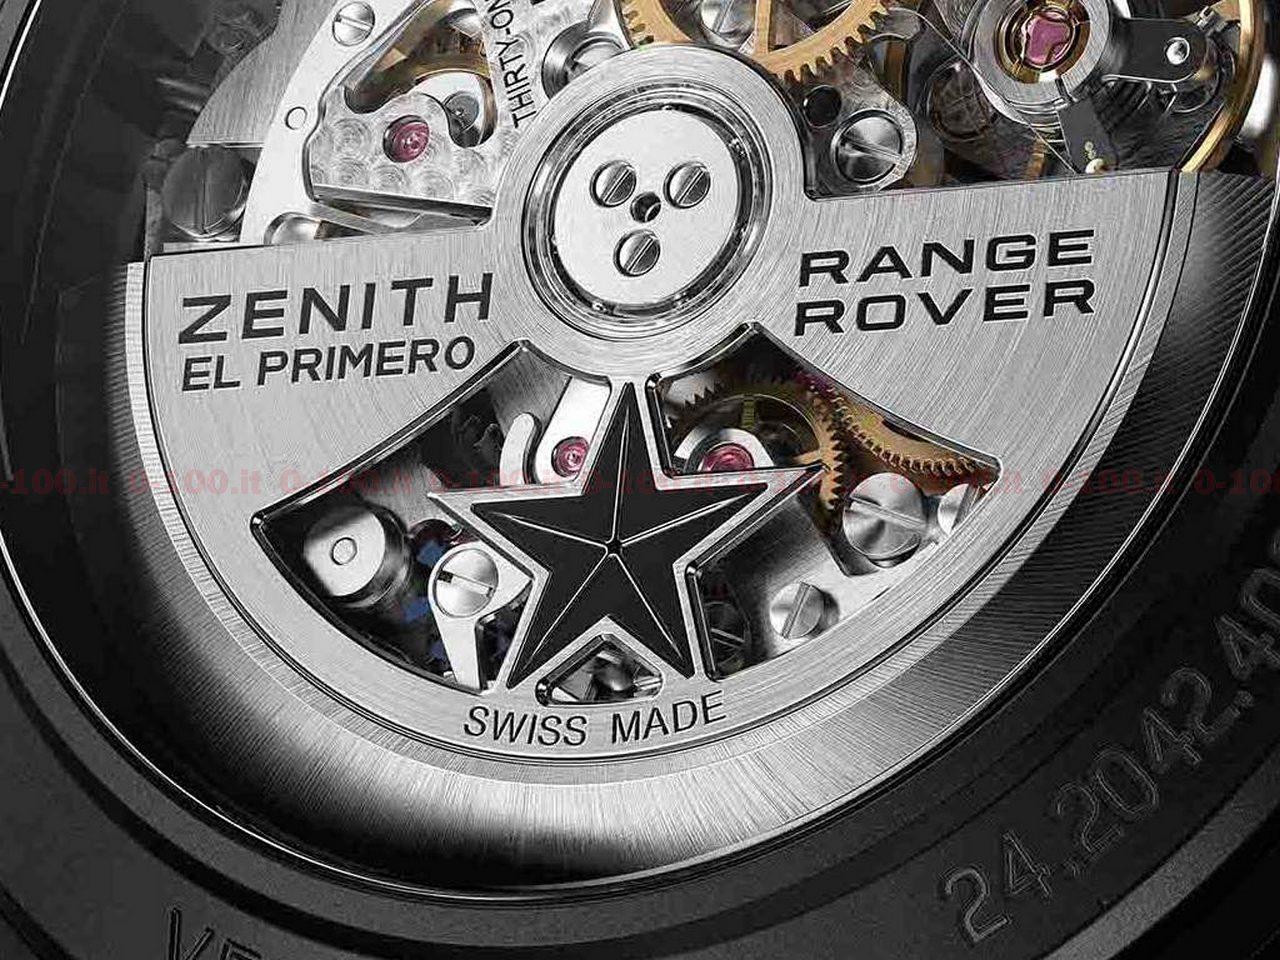 zenith-el-primero-chronomaster-range-rover-velar-ref-24-2042-40027-r799-prezzo-price_0-1005